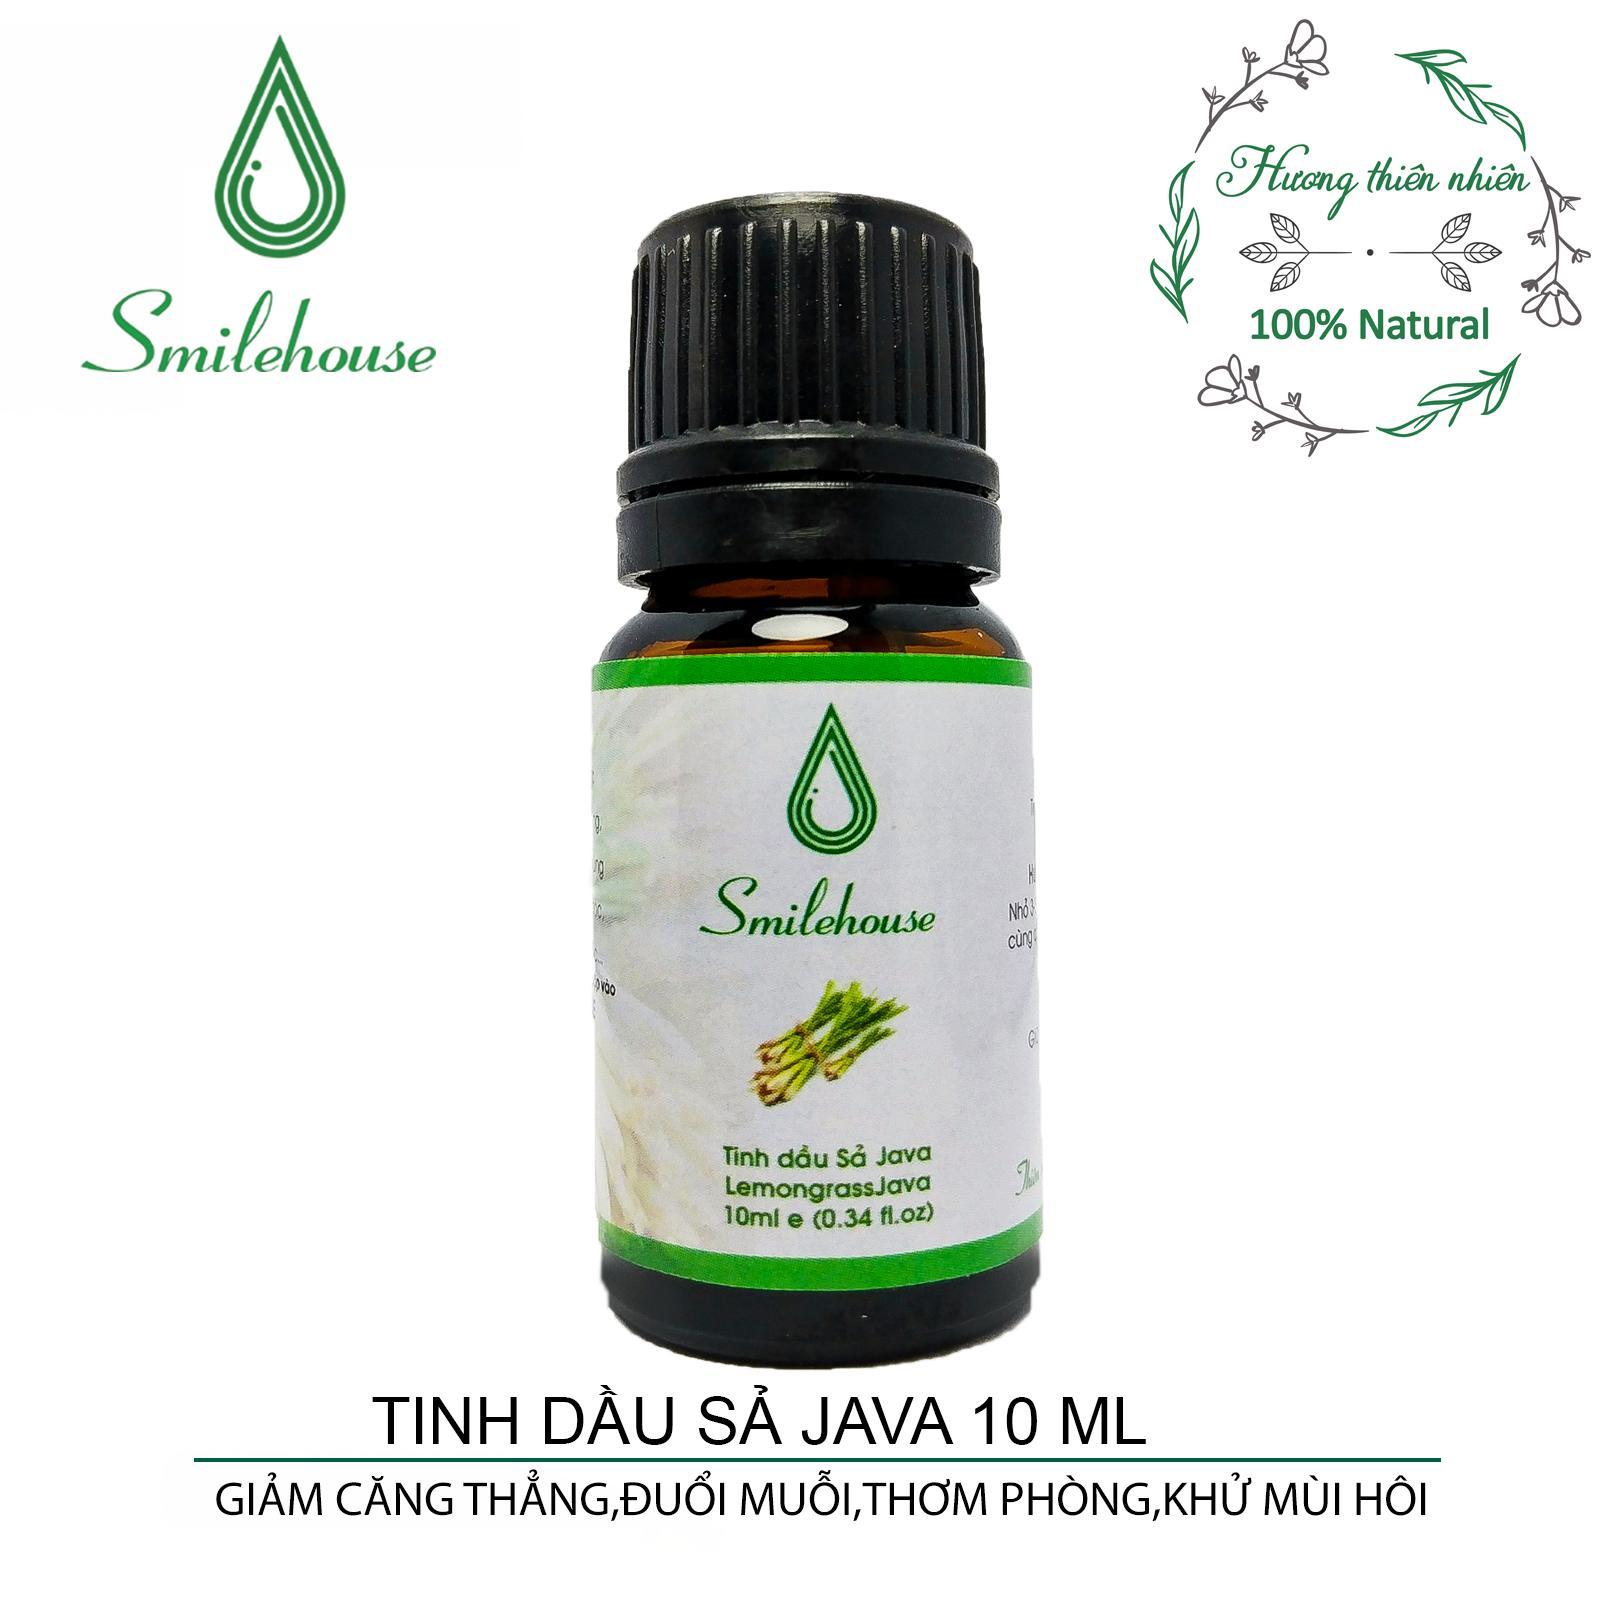 Tinh dầu Sả Java Smilehouse 10ml – thơm phòng, khử mùi hôi, giảm căng thẳng, xuôi đuổi côn trùng N tốt nhất